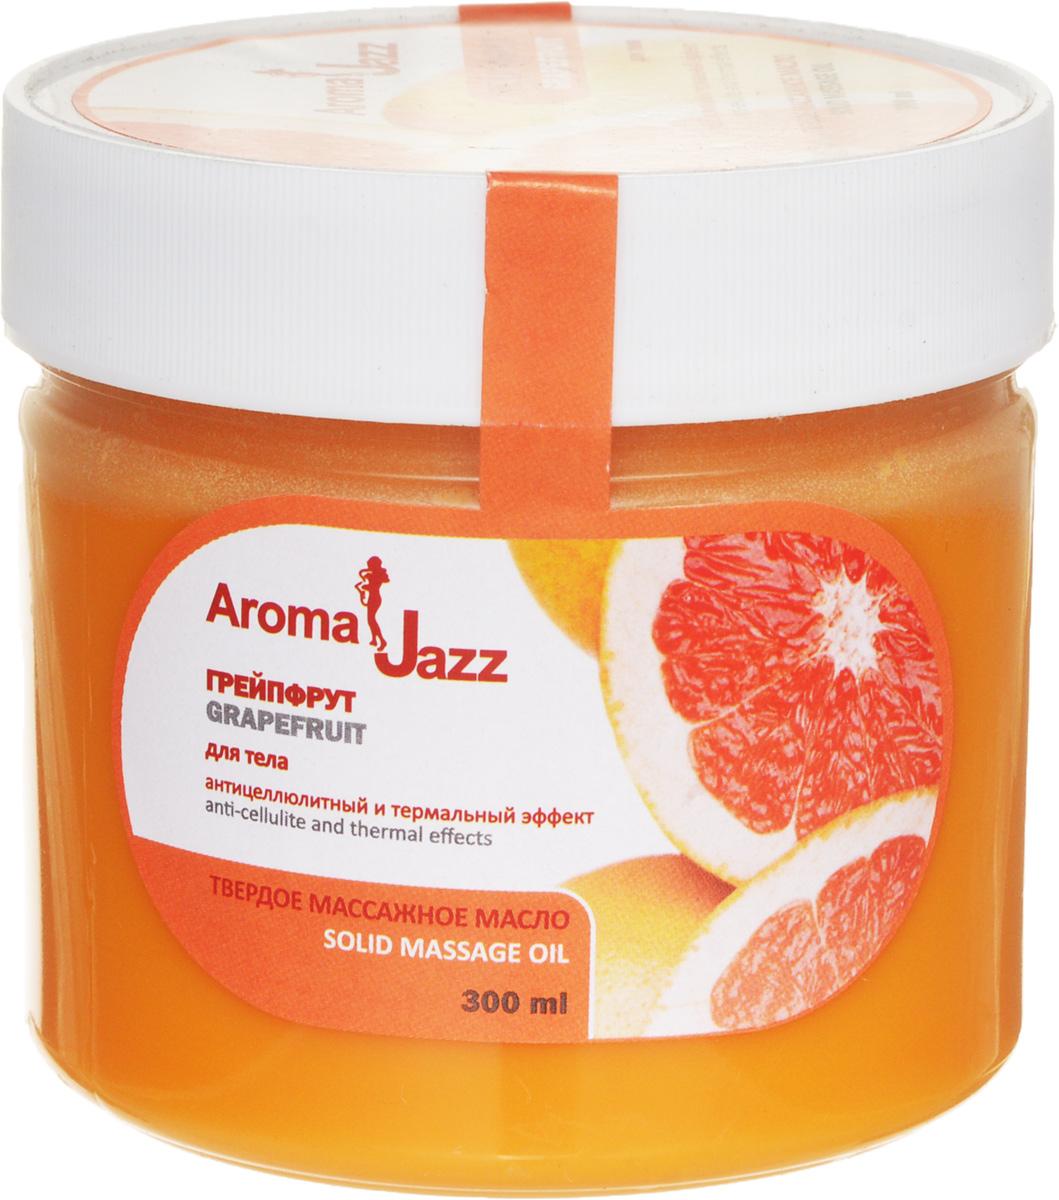 Aroma Jazz Твердое масло Антицеллюлитное Грейпфрут, 300 мл0111Действие: повышает упругость кожи, укрепляет стенки капилляров, ускоряет кровообращение, выводит из организма токсины и шлаки, обладает выраженными антицеллюлитным и разогревающим свойствами. Масло отлично подходит не только для различных видов массажа, но и для процедур обертывания. Противопоказания: индивидуальная непереносимость компонентов продукта. Срок хранения: 24 месяца. После вскрытия упаковки использовать в течении 6 месяцев.